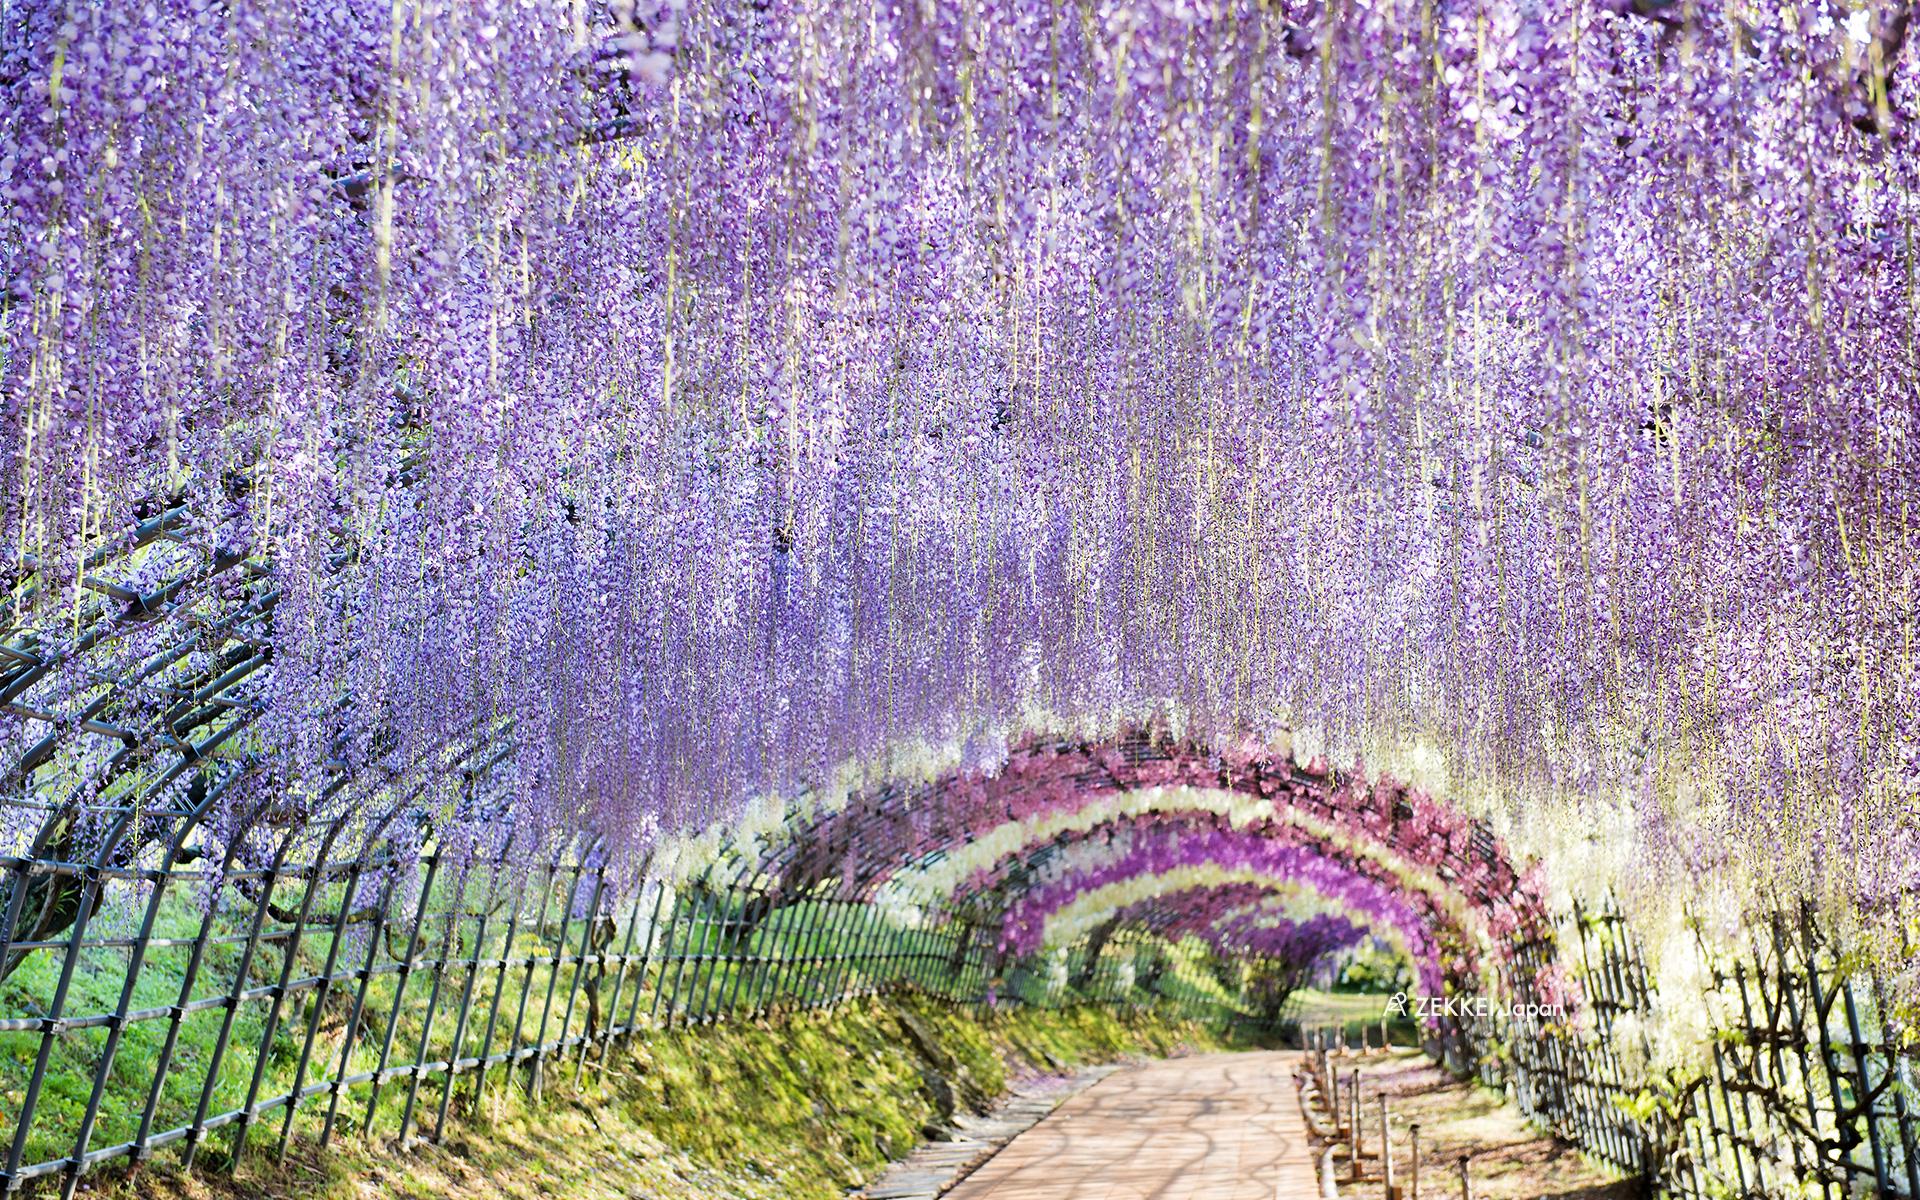 <絶景壁紙>幻想的な藤の壁紙をあなたの待ち受けに ZEKKEI Japan